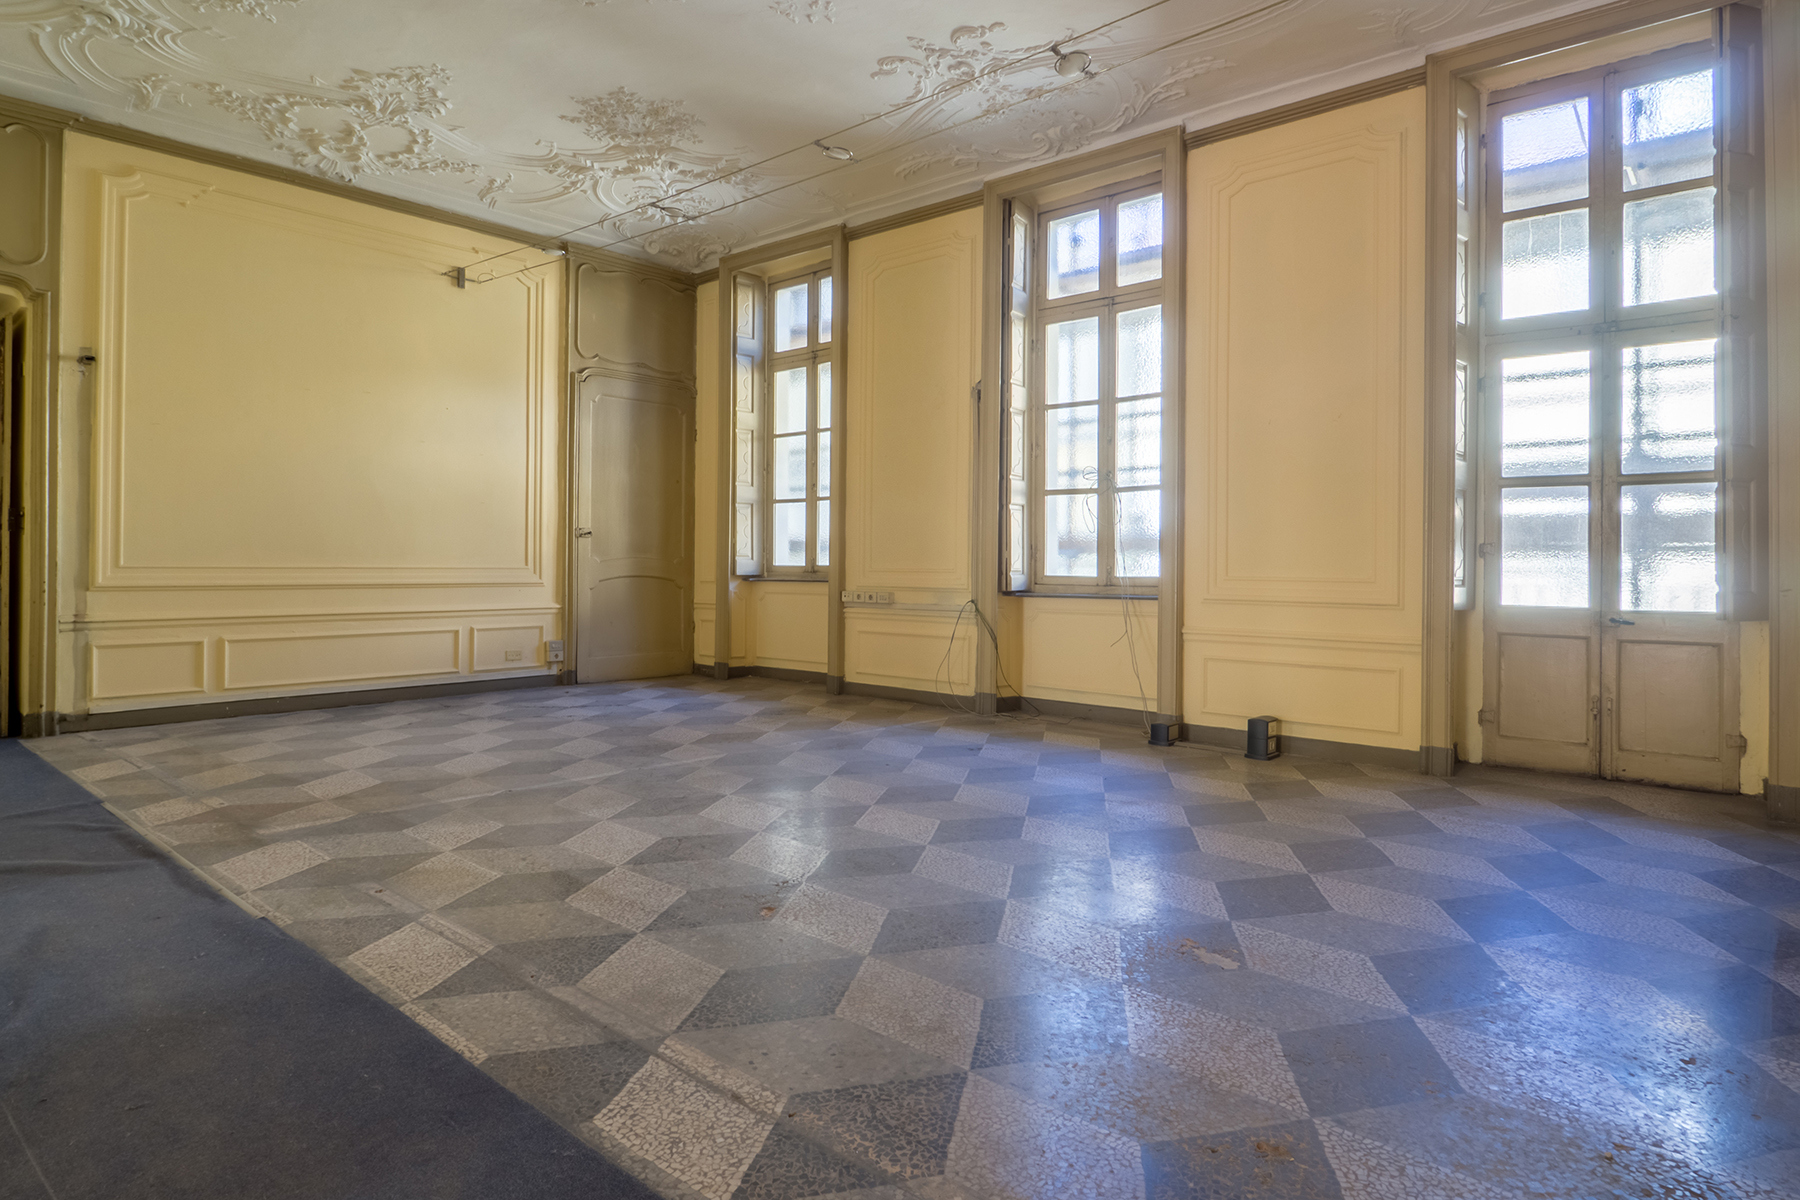 Ufficio-studio in Affitto a Torino: 5 locali, 1000 mq - Foto 5